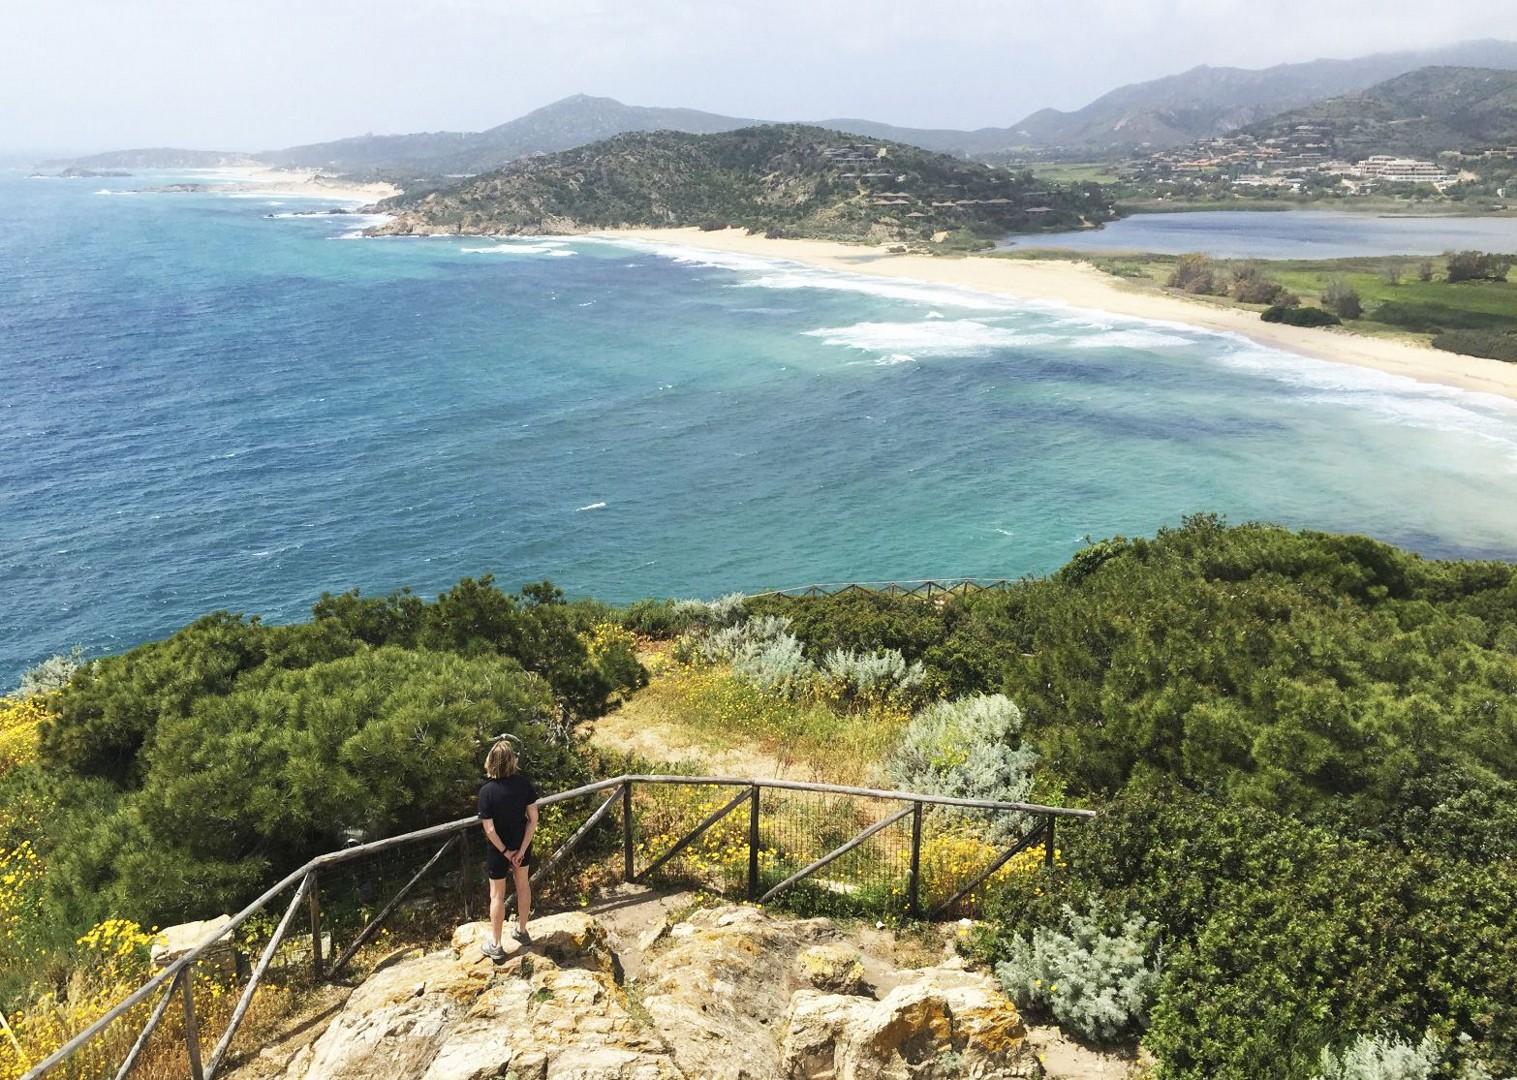 island-views-from-chia-tower-sardinia.jpg - Italy - Sardinia - Island Flavours - Leisure Cycling